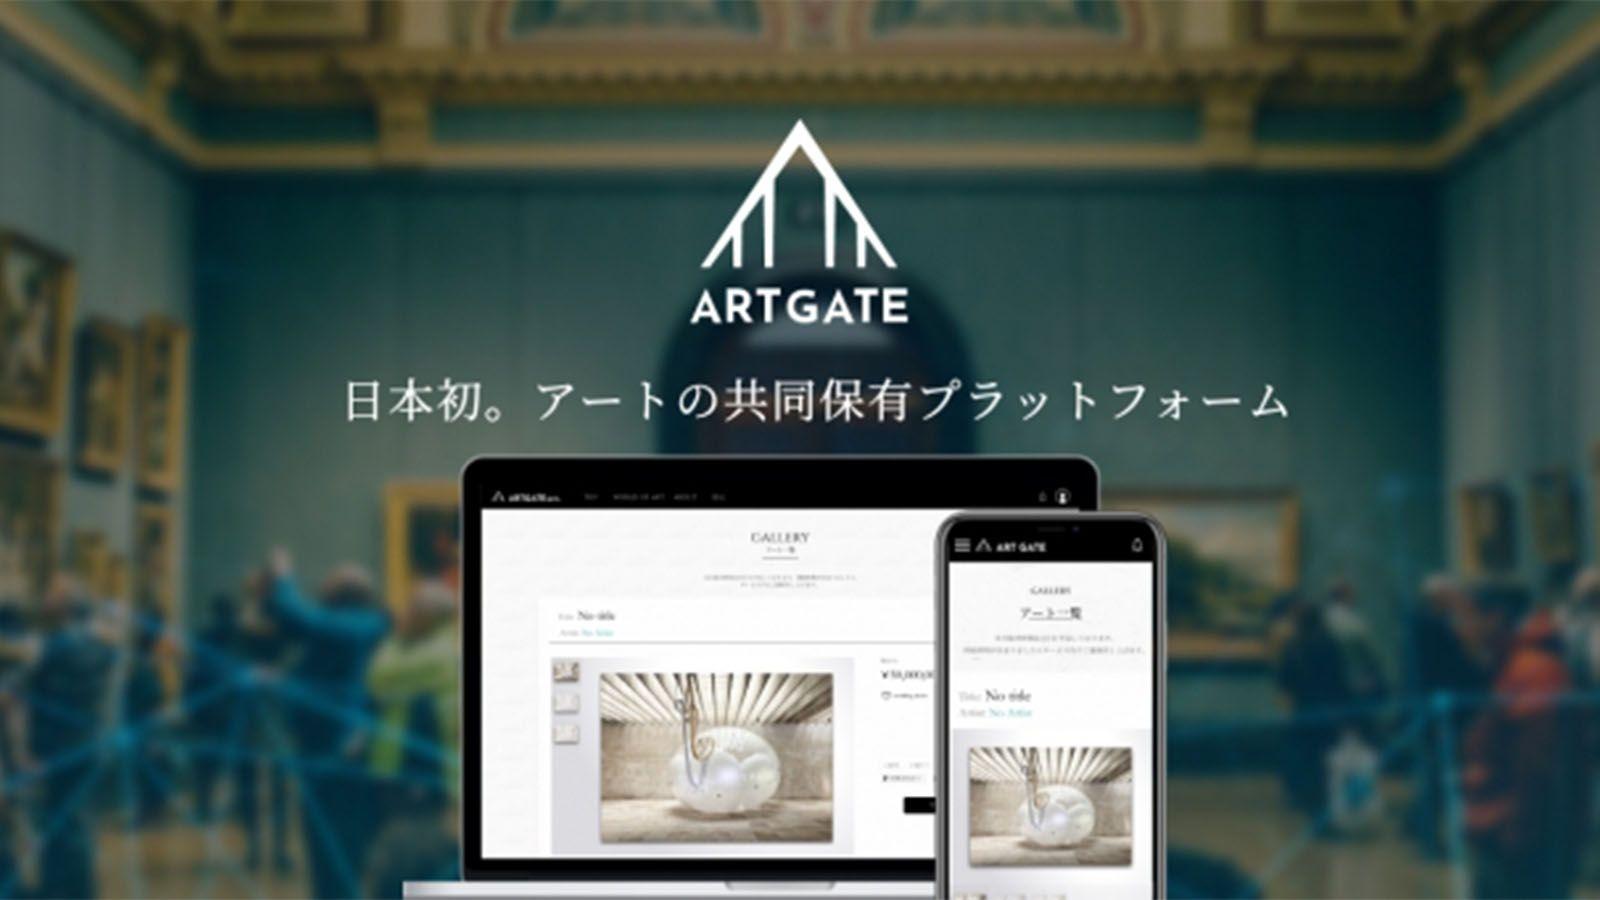 「アート作品の共同保有を根付かせたい」日本初アートプラットフォーム『ARTGATE』に込めた思い